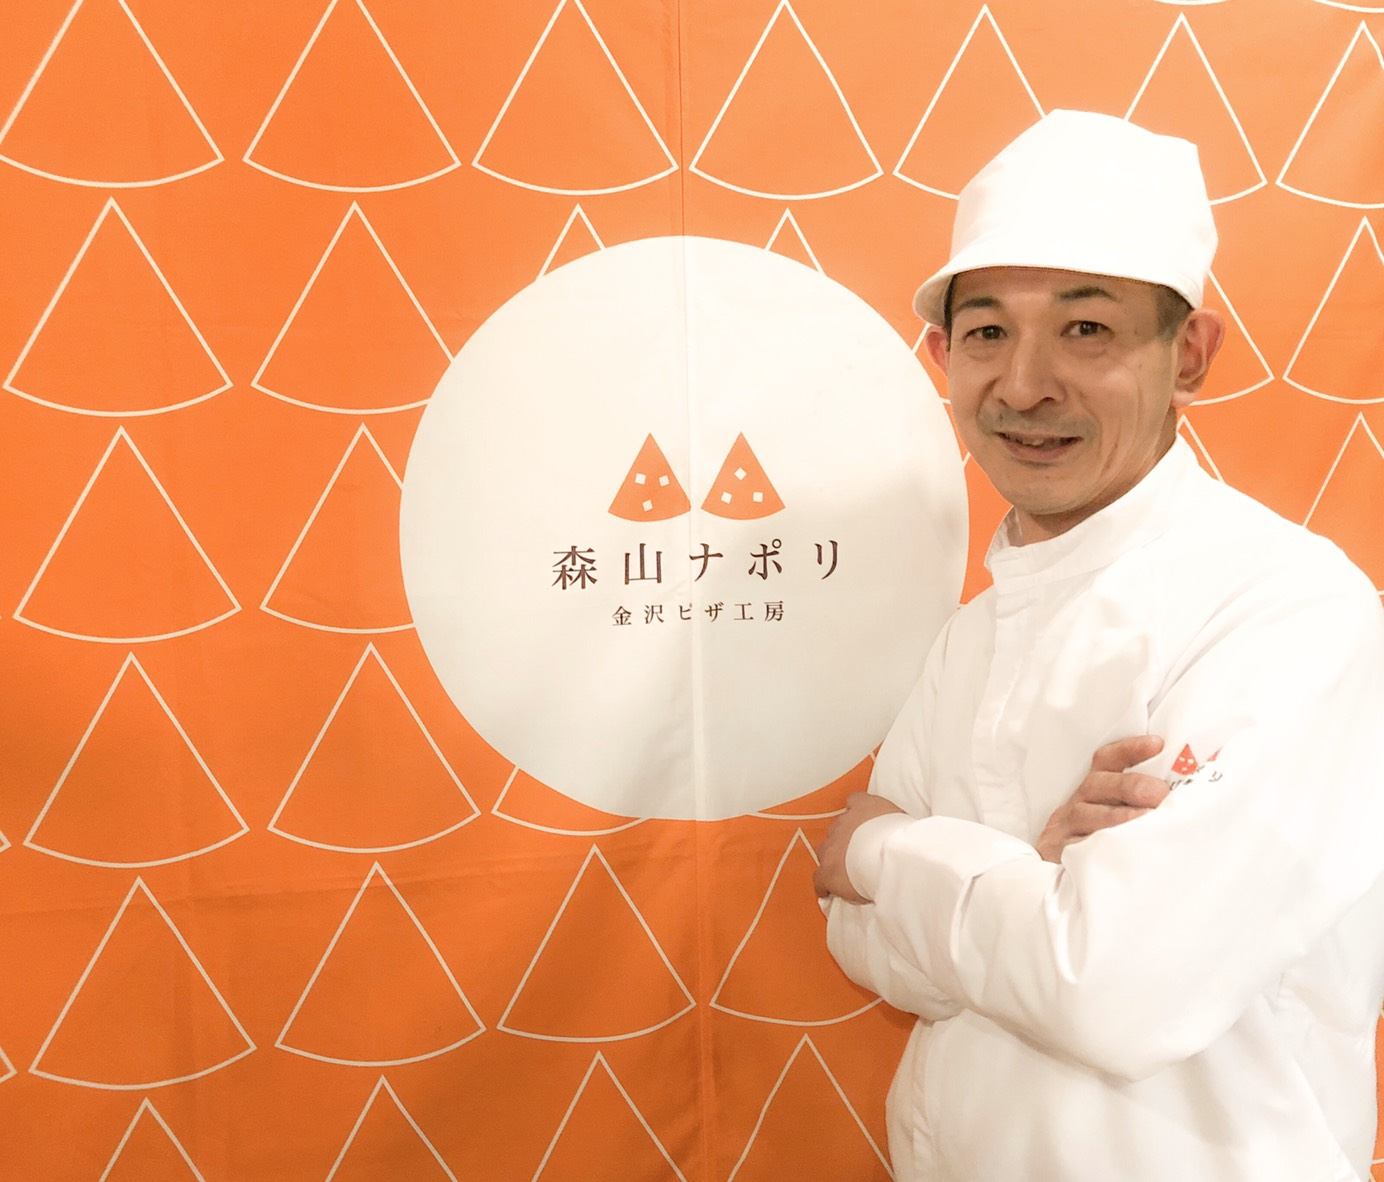 ピザ職人 萬田孝行(まんだたかゆき)